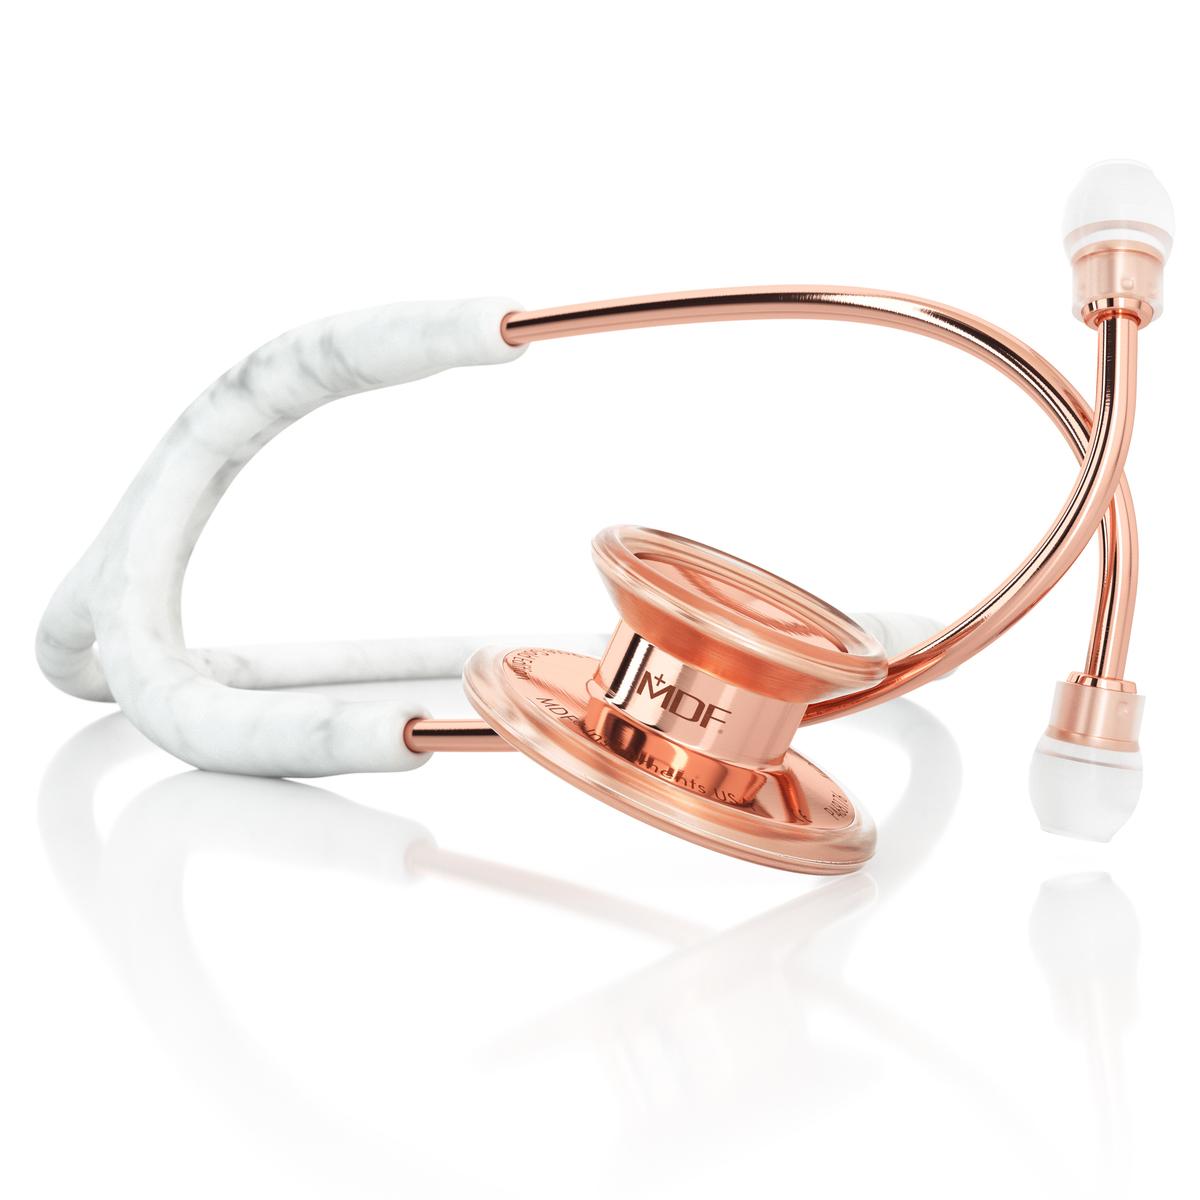 【限定モデル】MDF 聴診器MDF777-MBRG(マーブルローズゴールド)スタンダードモデル 限定カラーモデル